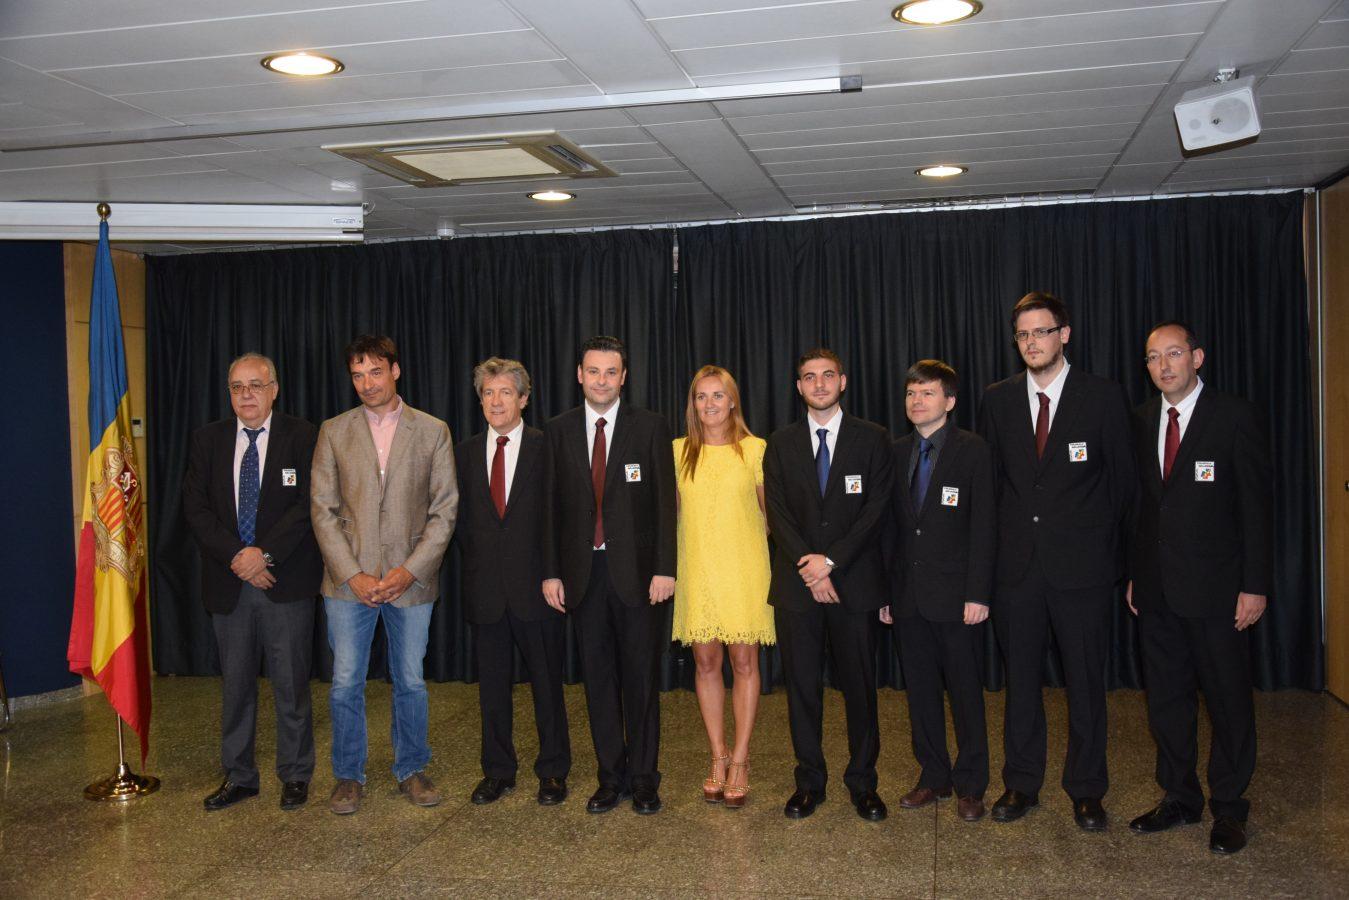 42 Olimpíades Bakú – Recepció equip